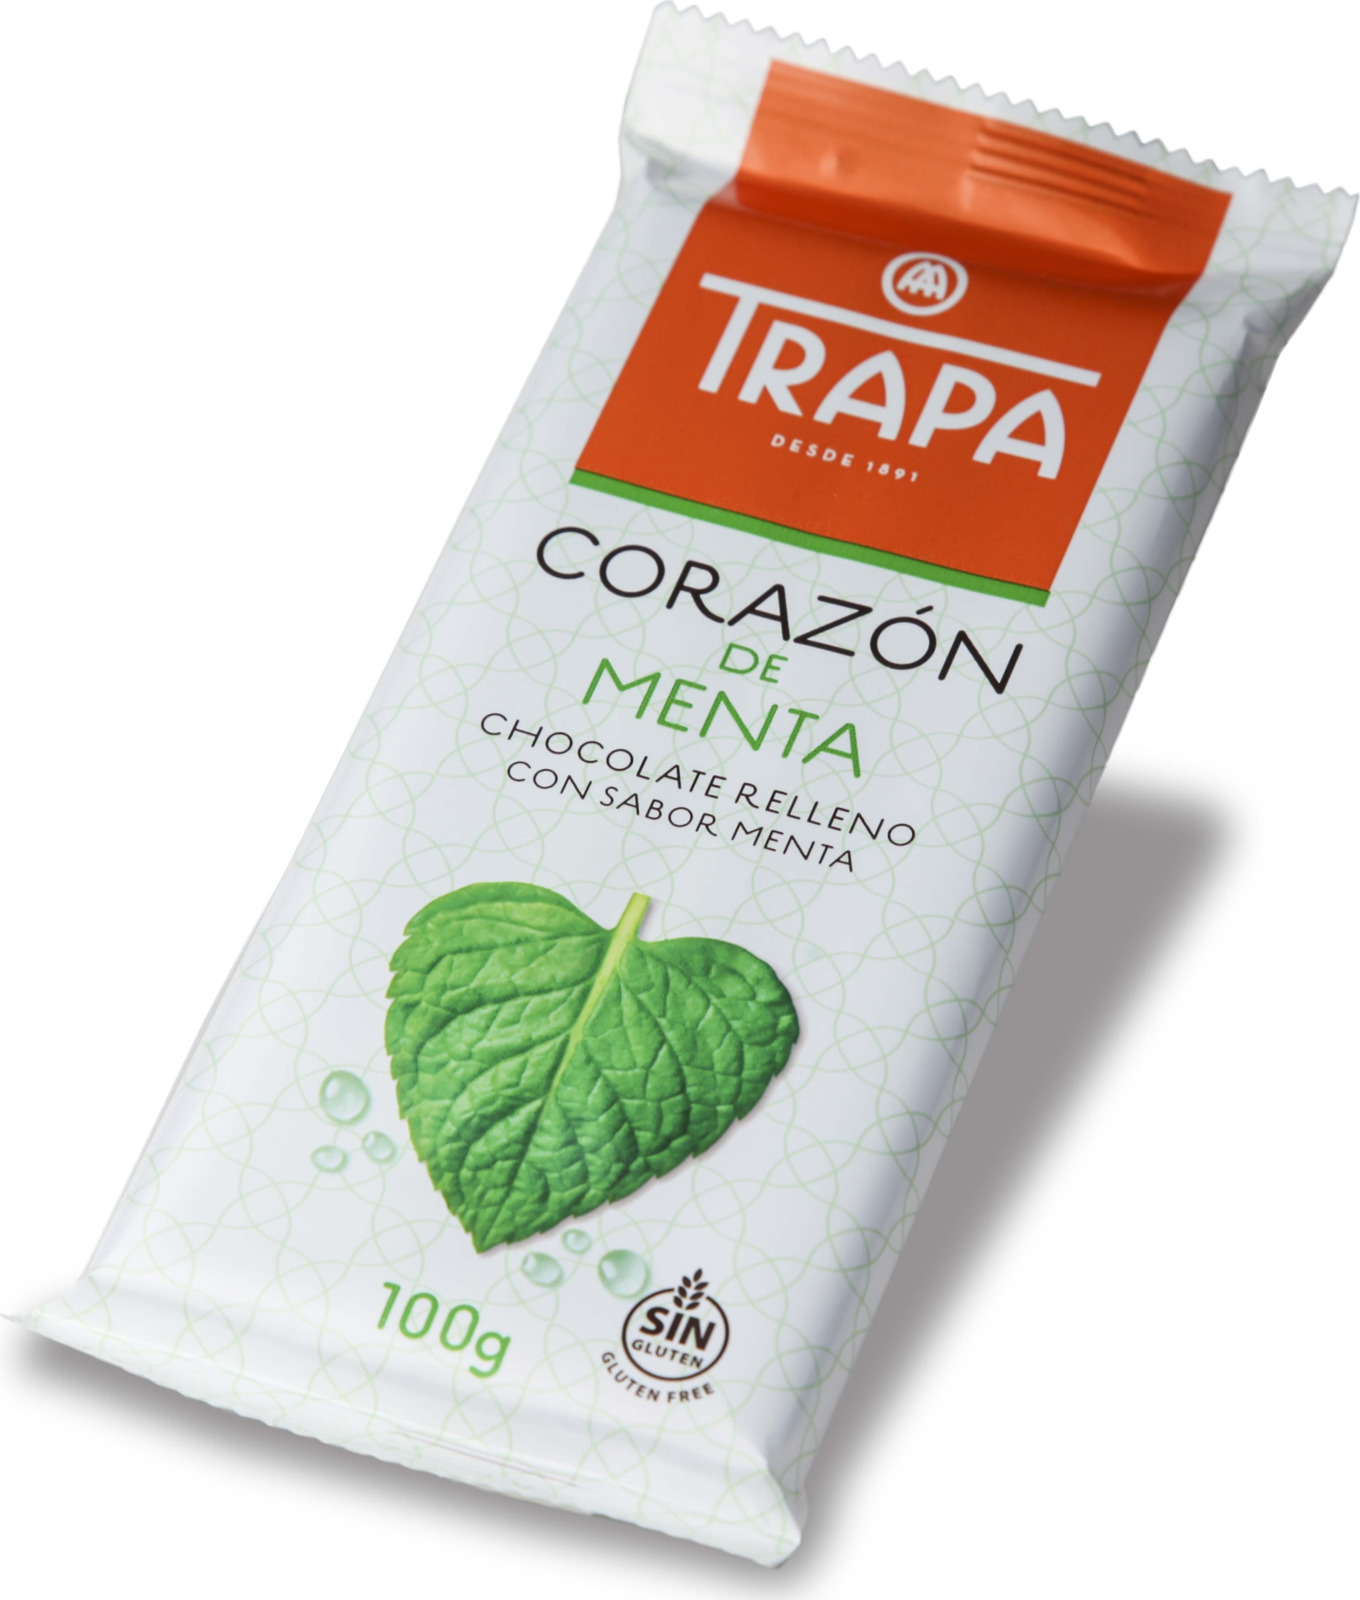 Молочный шоколад Trapa Corazоn Bar, с мятной начинкой, 100 г молочный шоколад trapa corazоn bar с апельсиновой начинкой 100 г